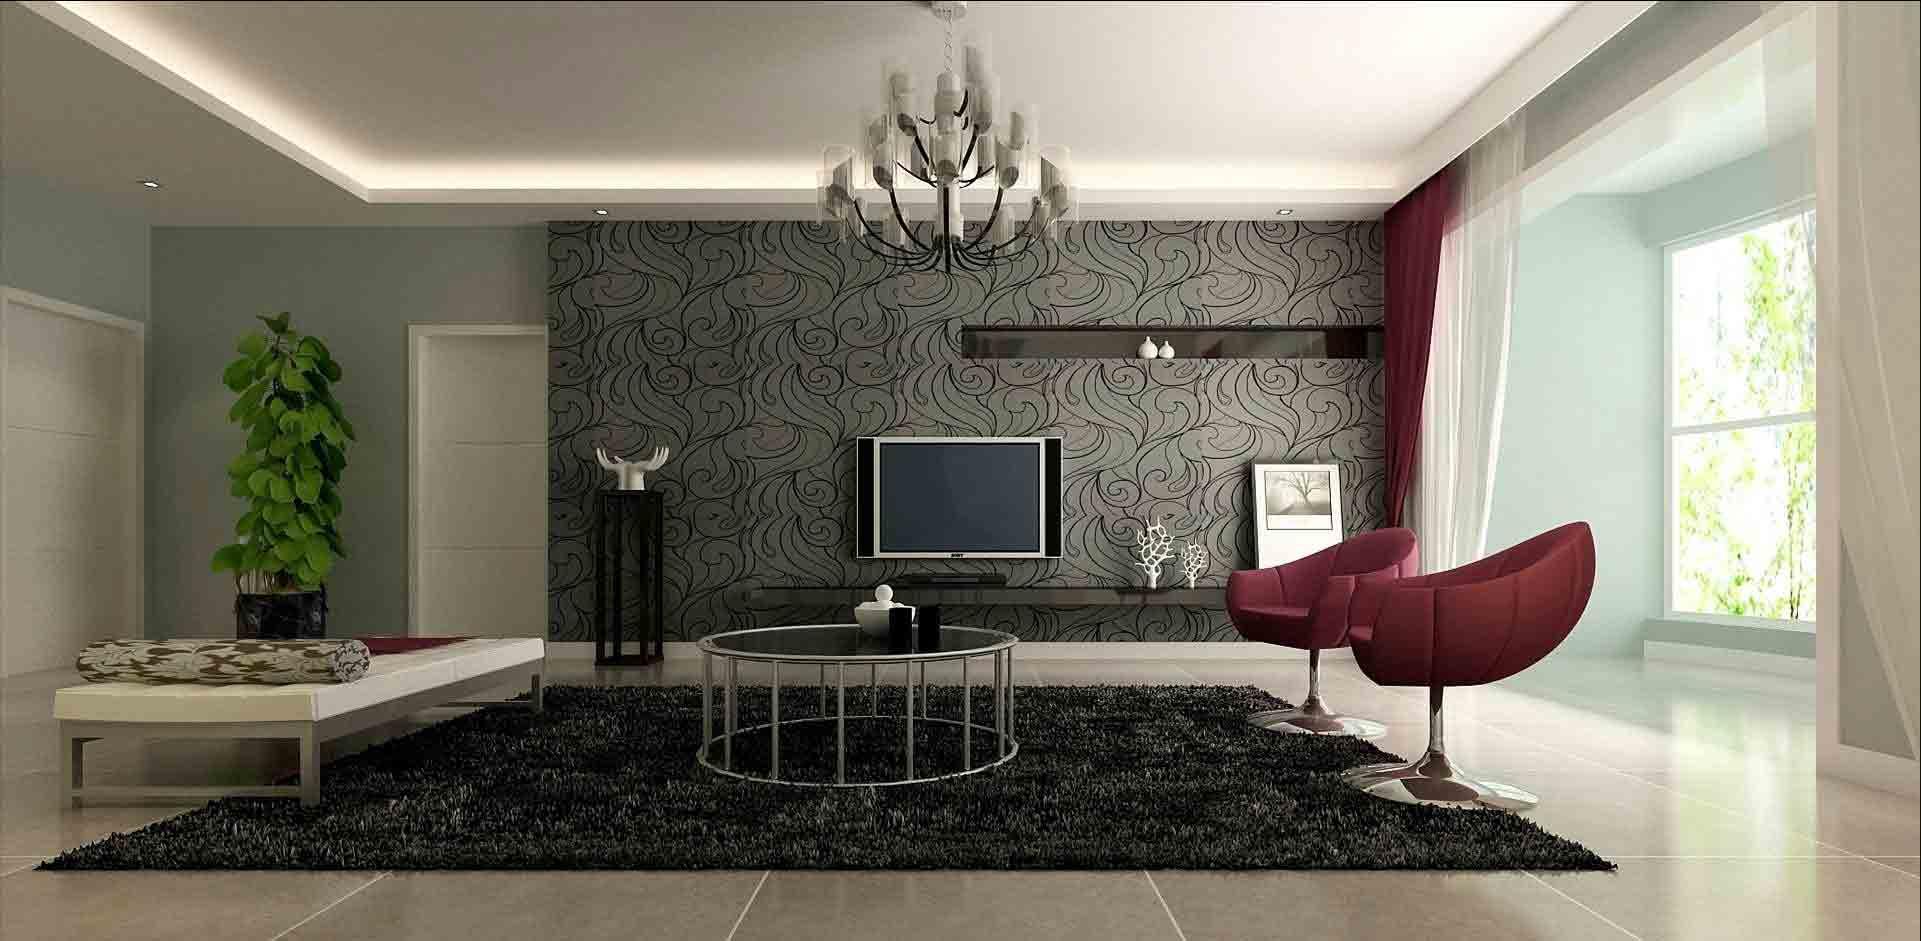 装修美图 现代客厅装修设计图  免费户型设计 3家优质装修公司免费帮